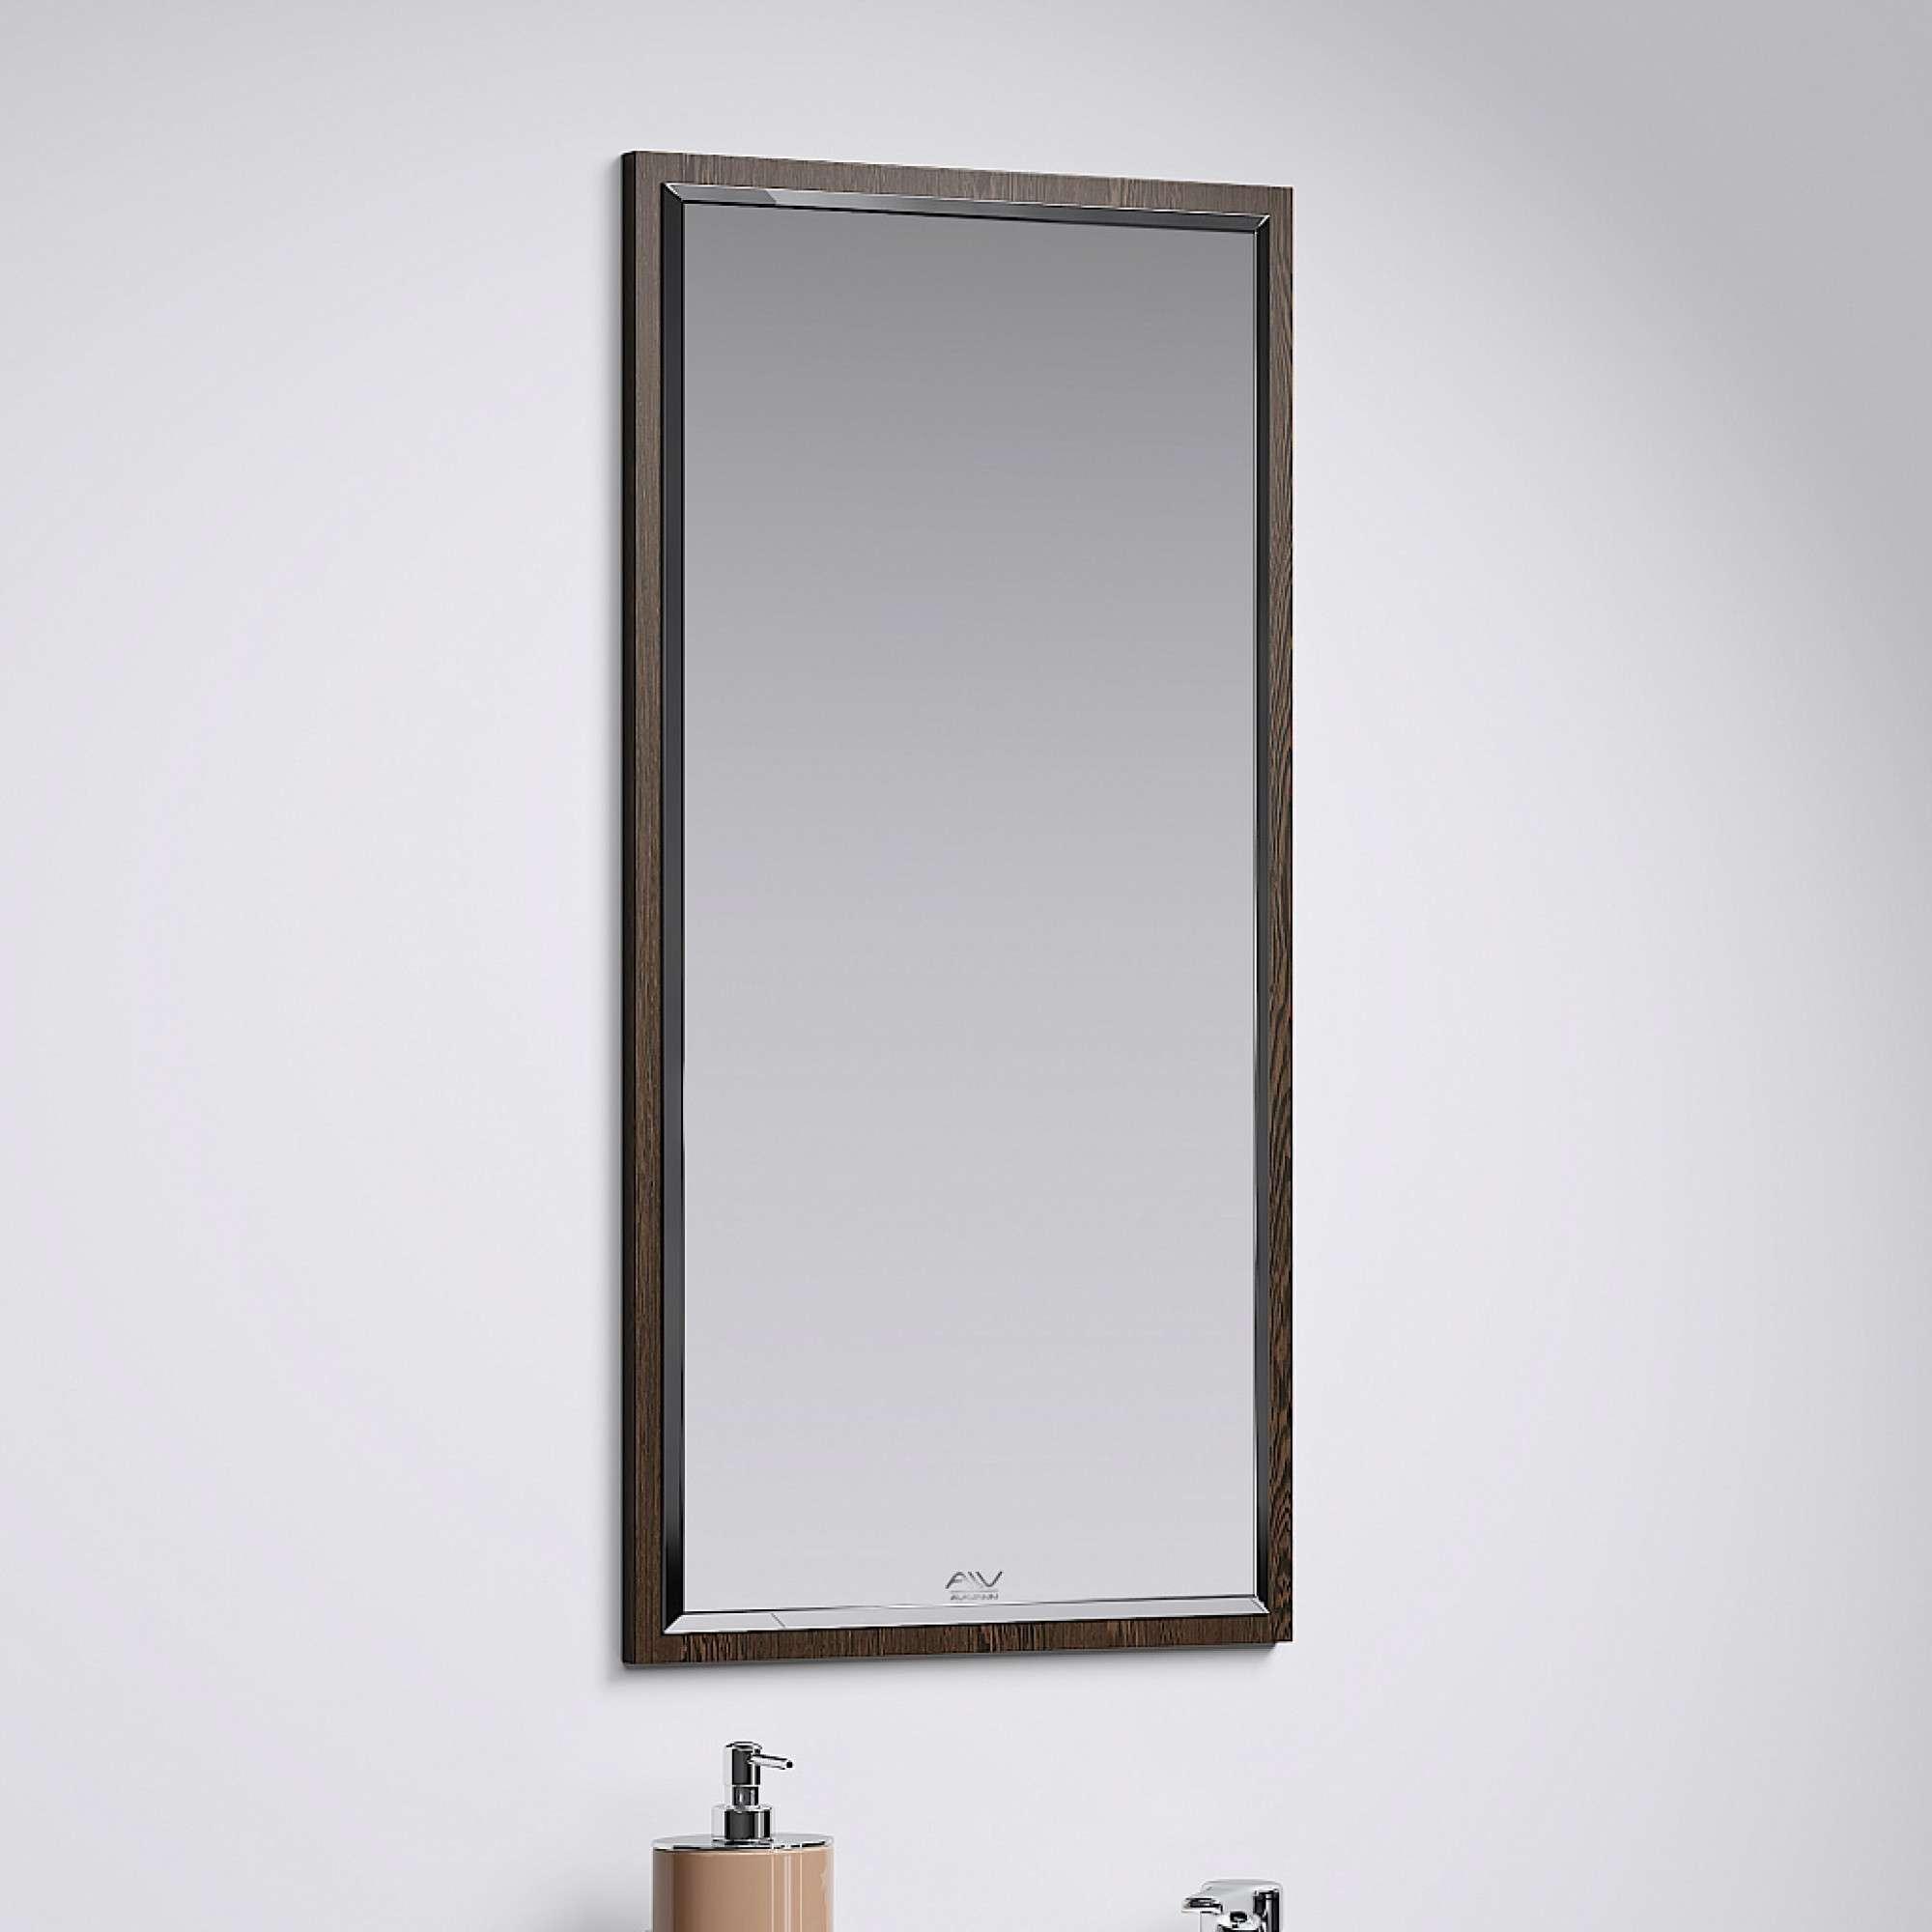 Зеркало Кантри 40 венге +1 000 руб.